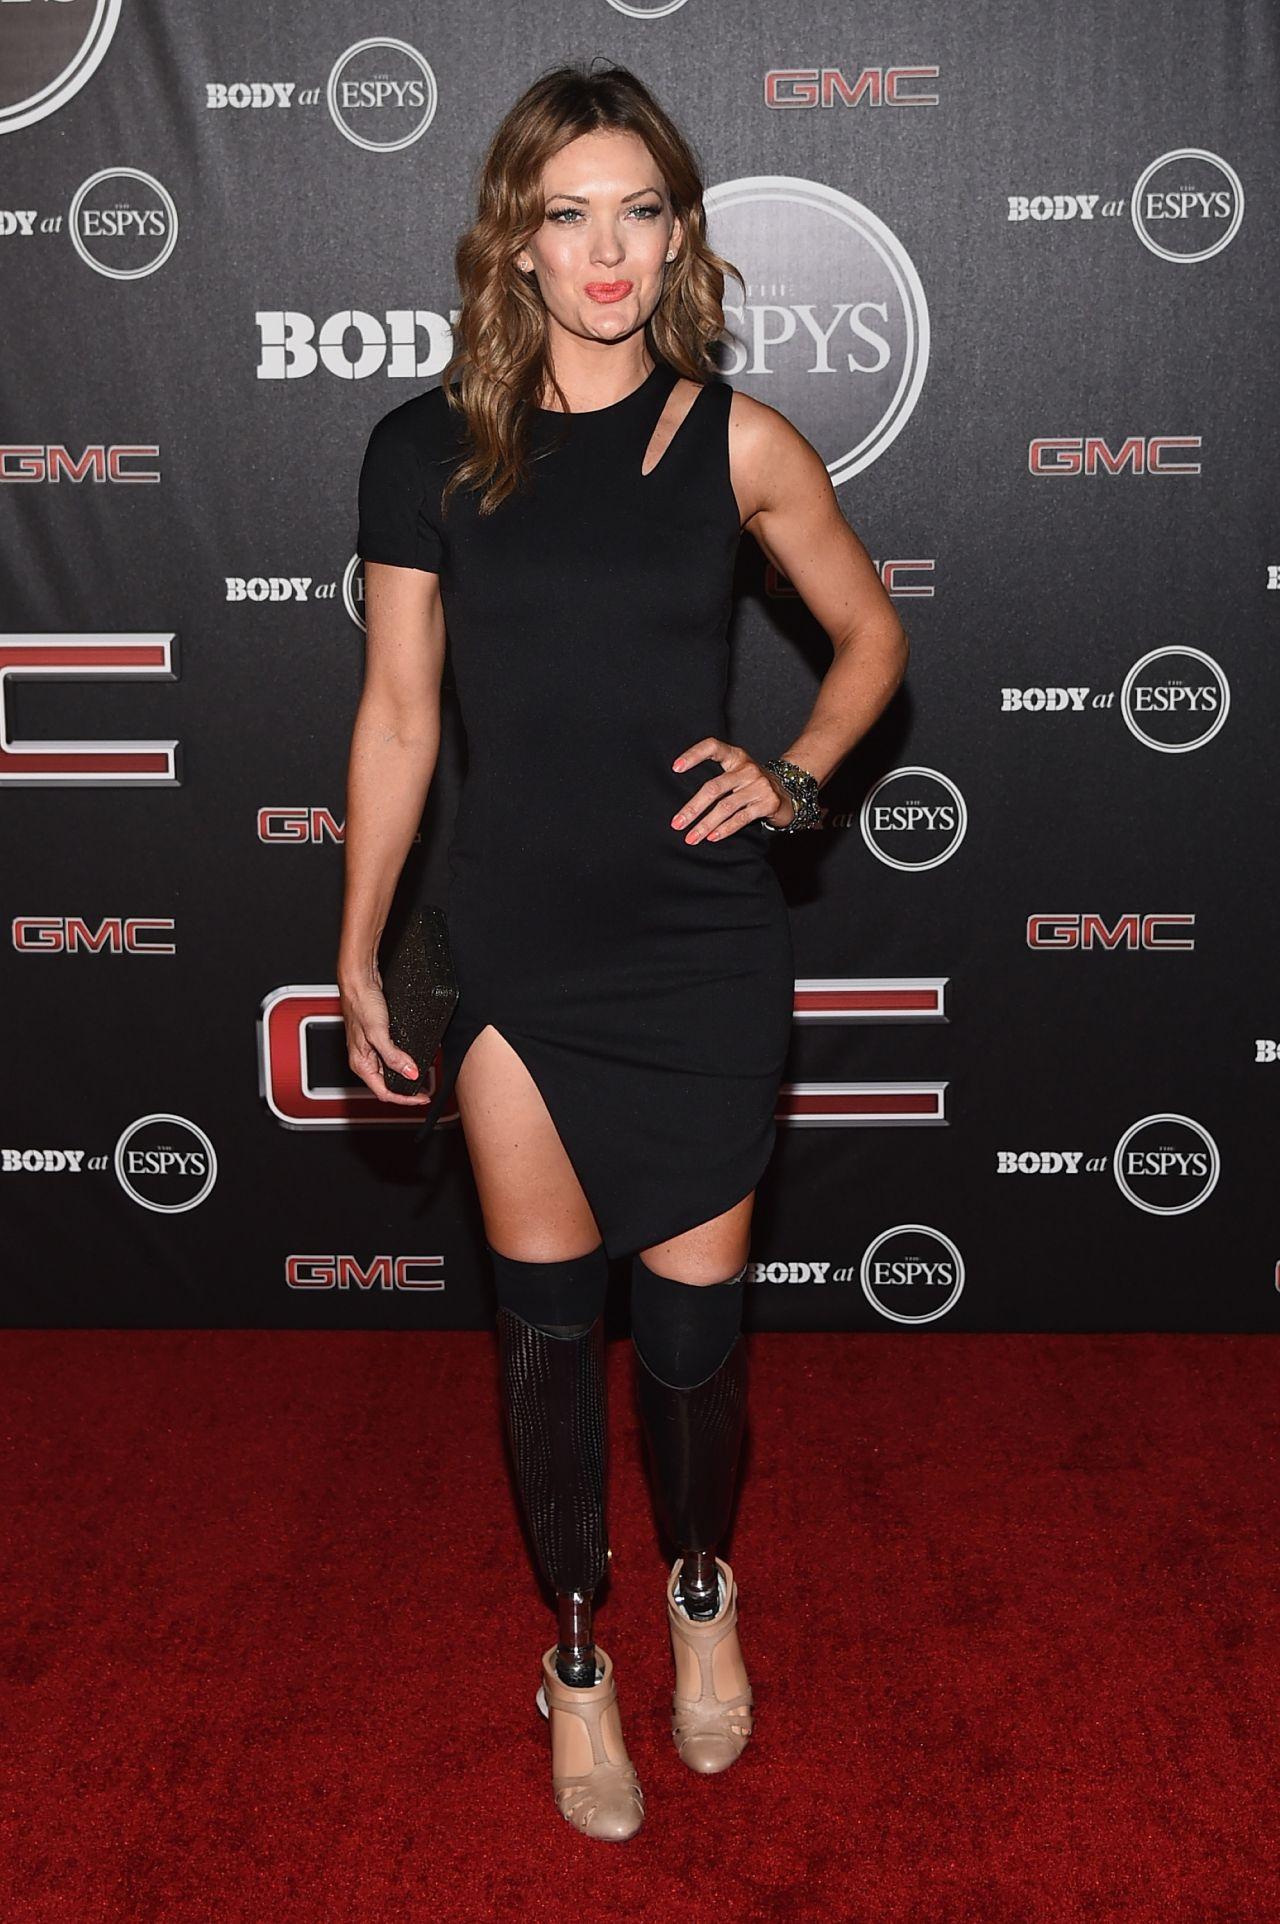 Amy Purdy – ESPN Presents Body At ESPYs 2014